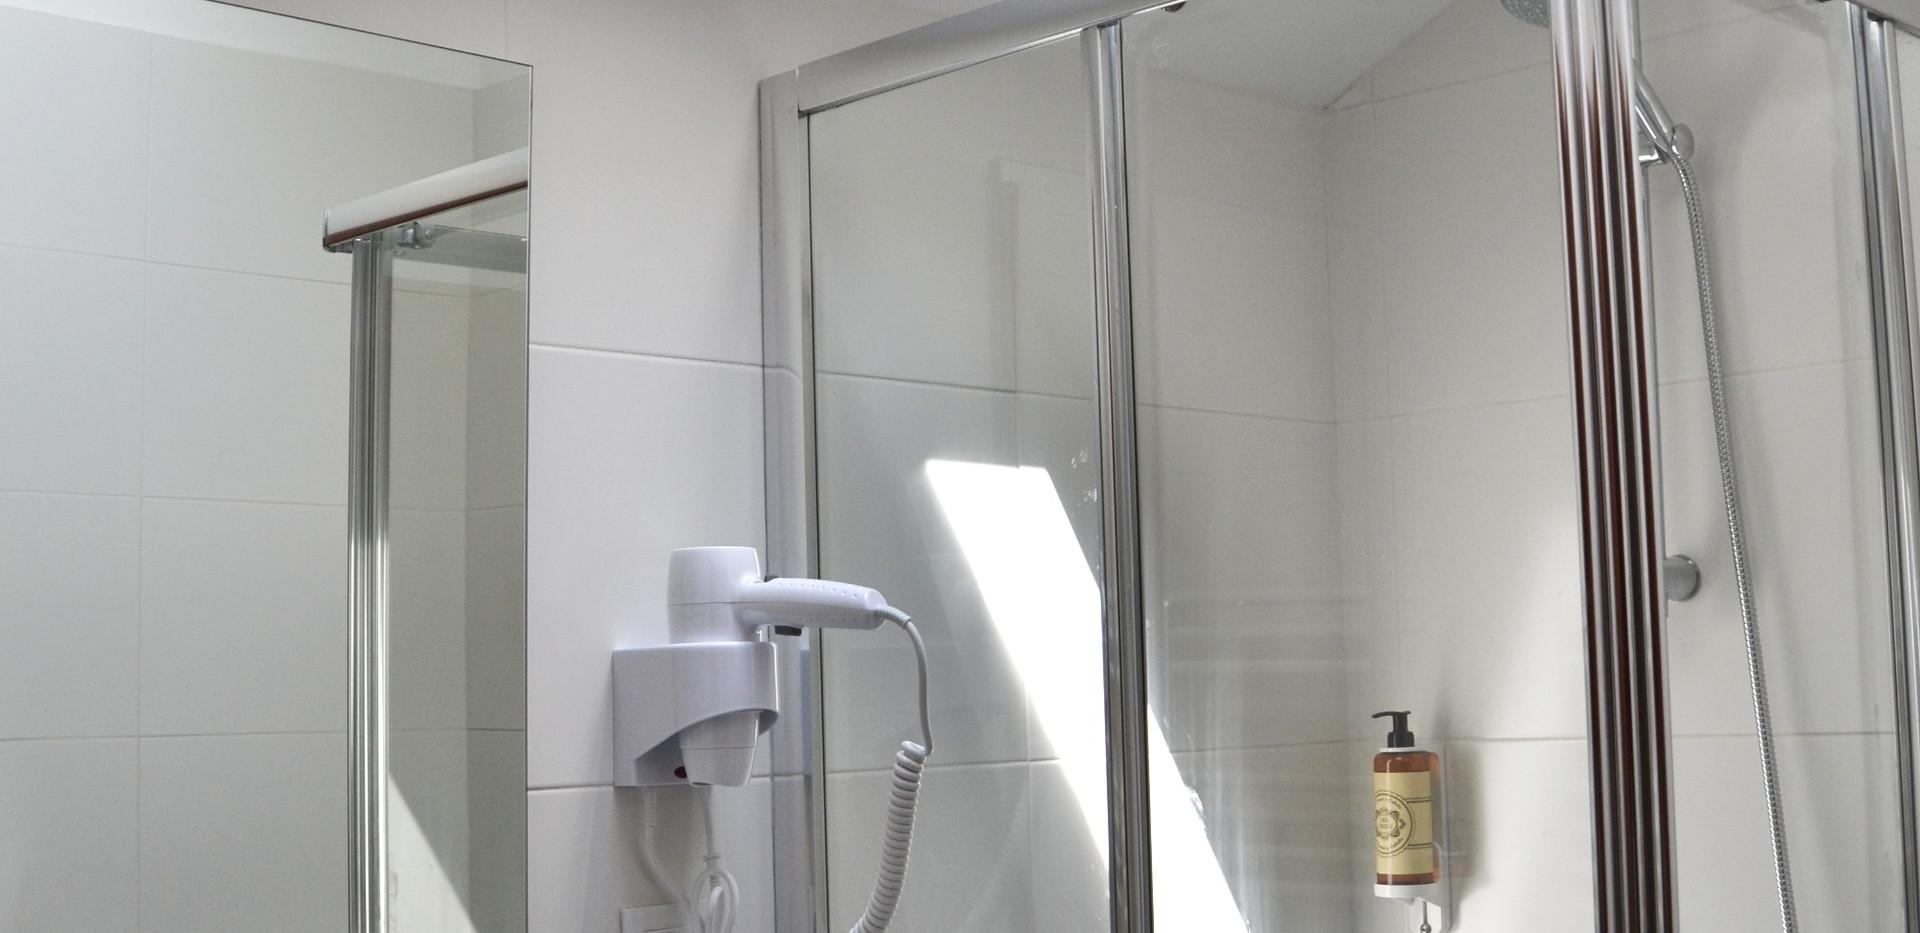 Magnólia WC